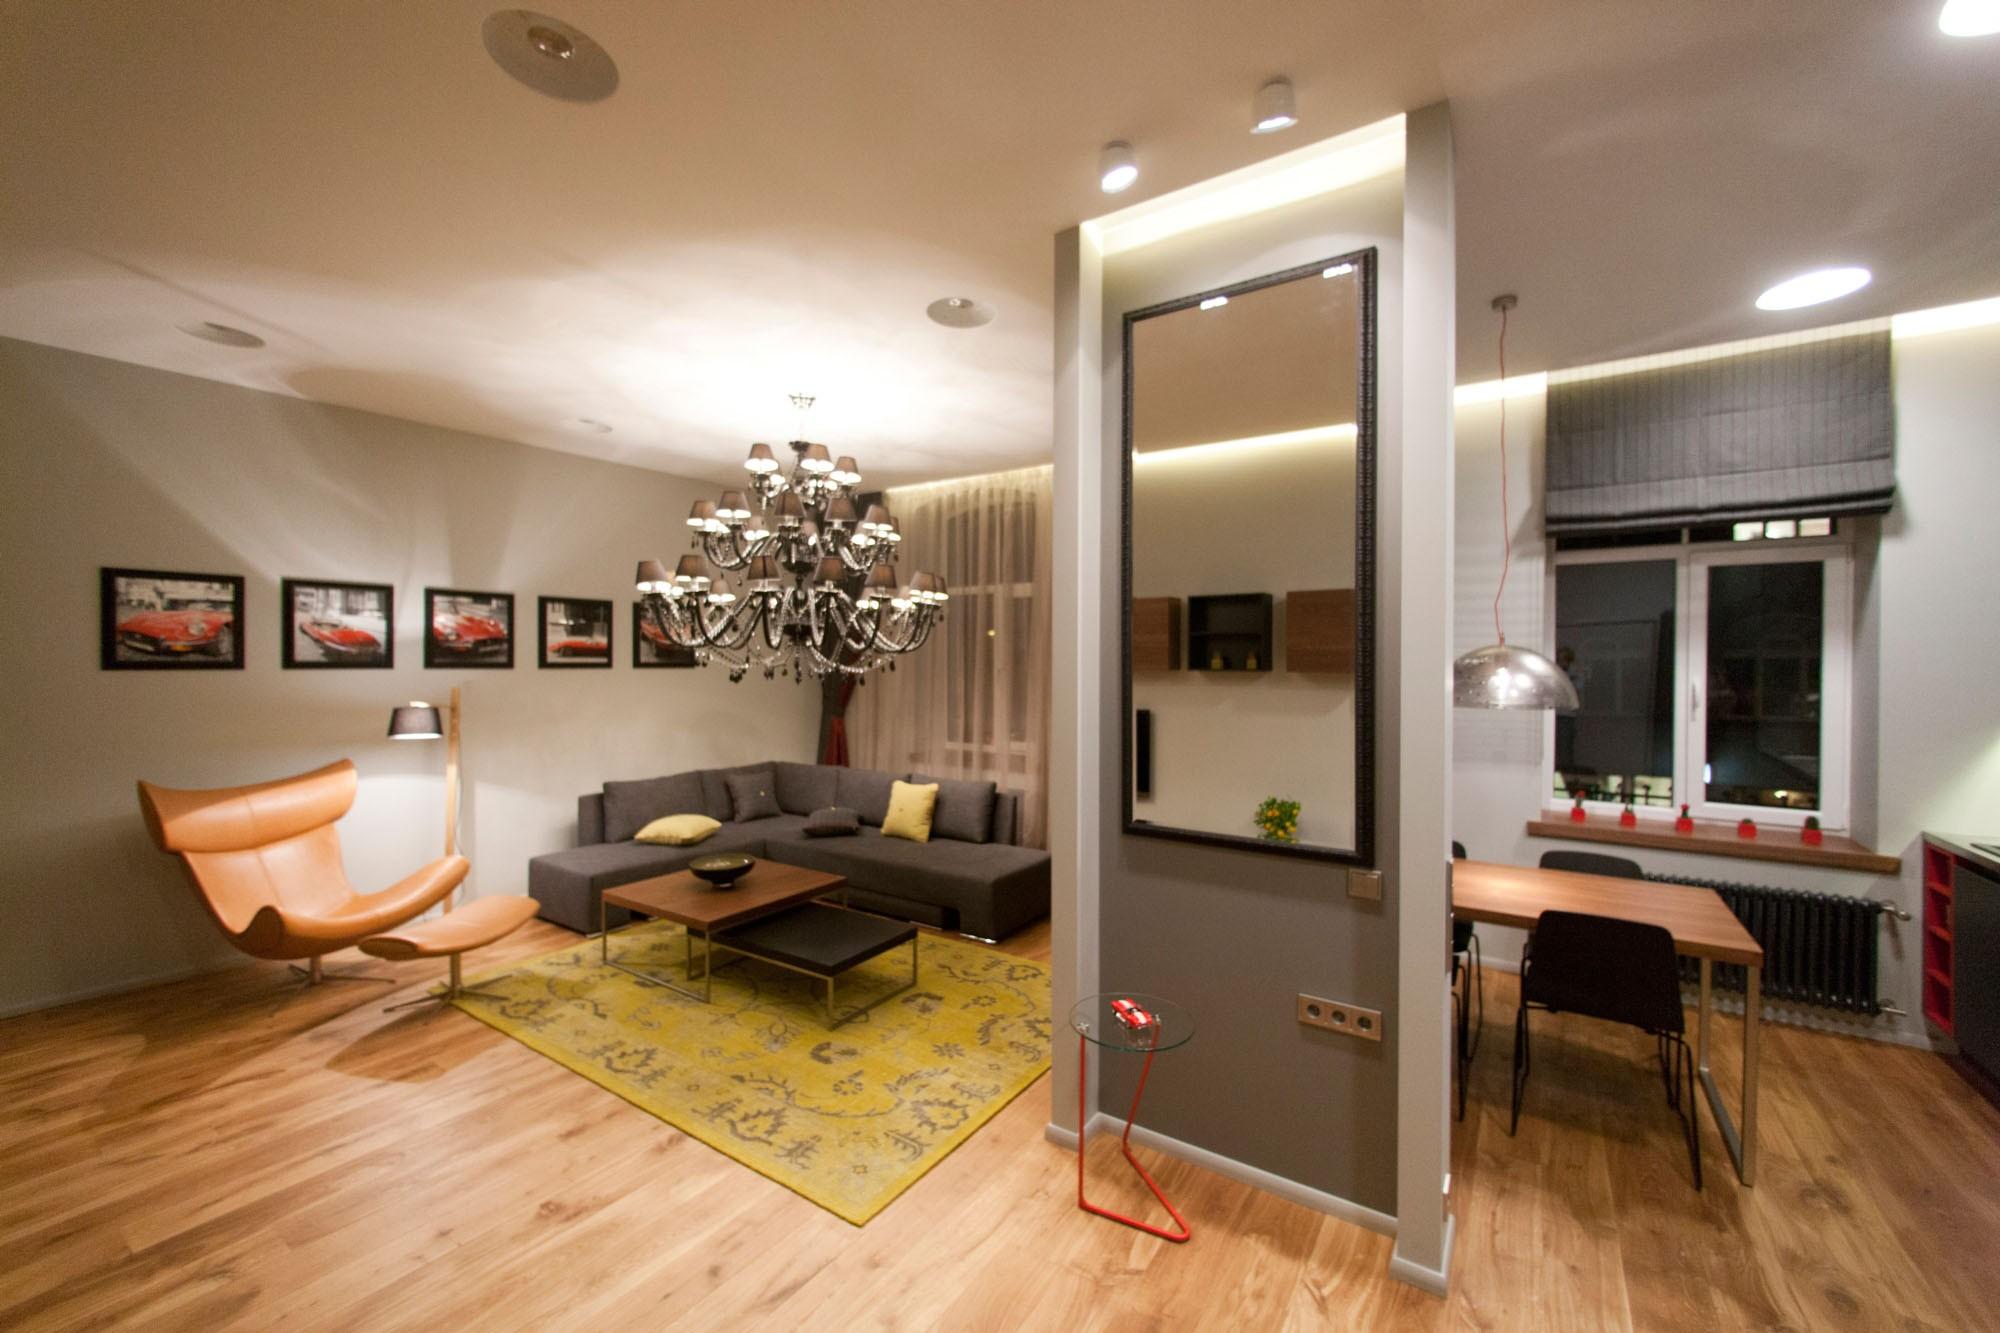 Квартира студия дизайн проект фото